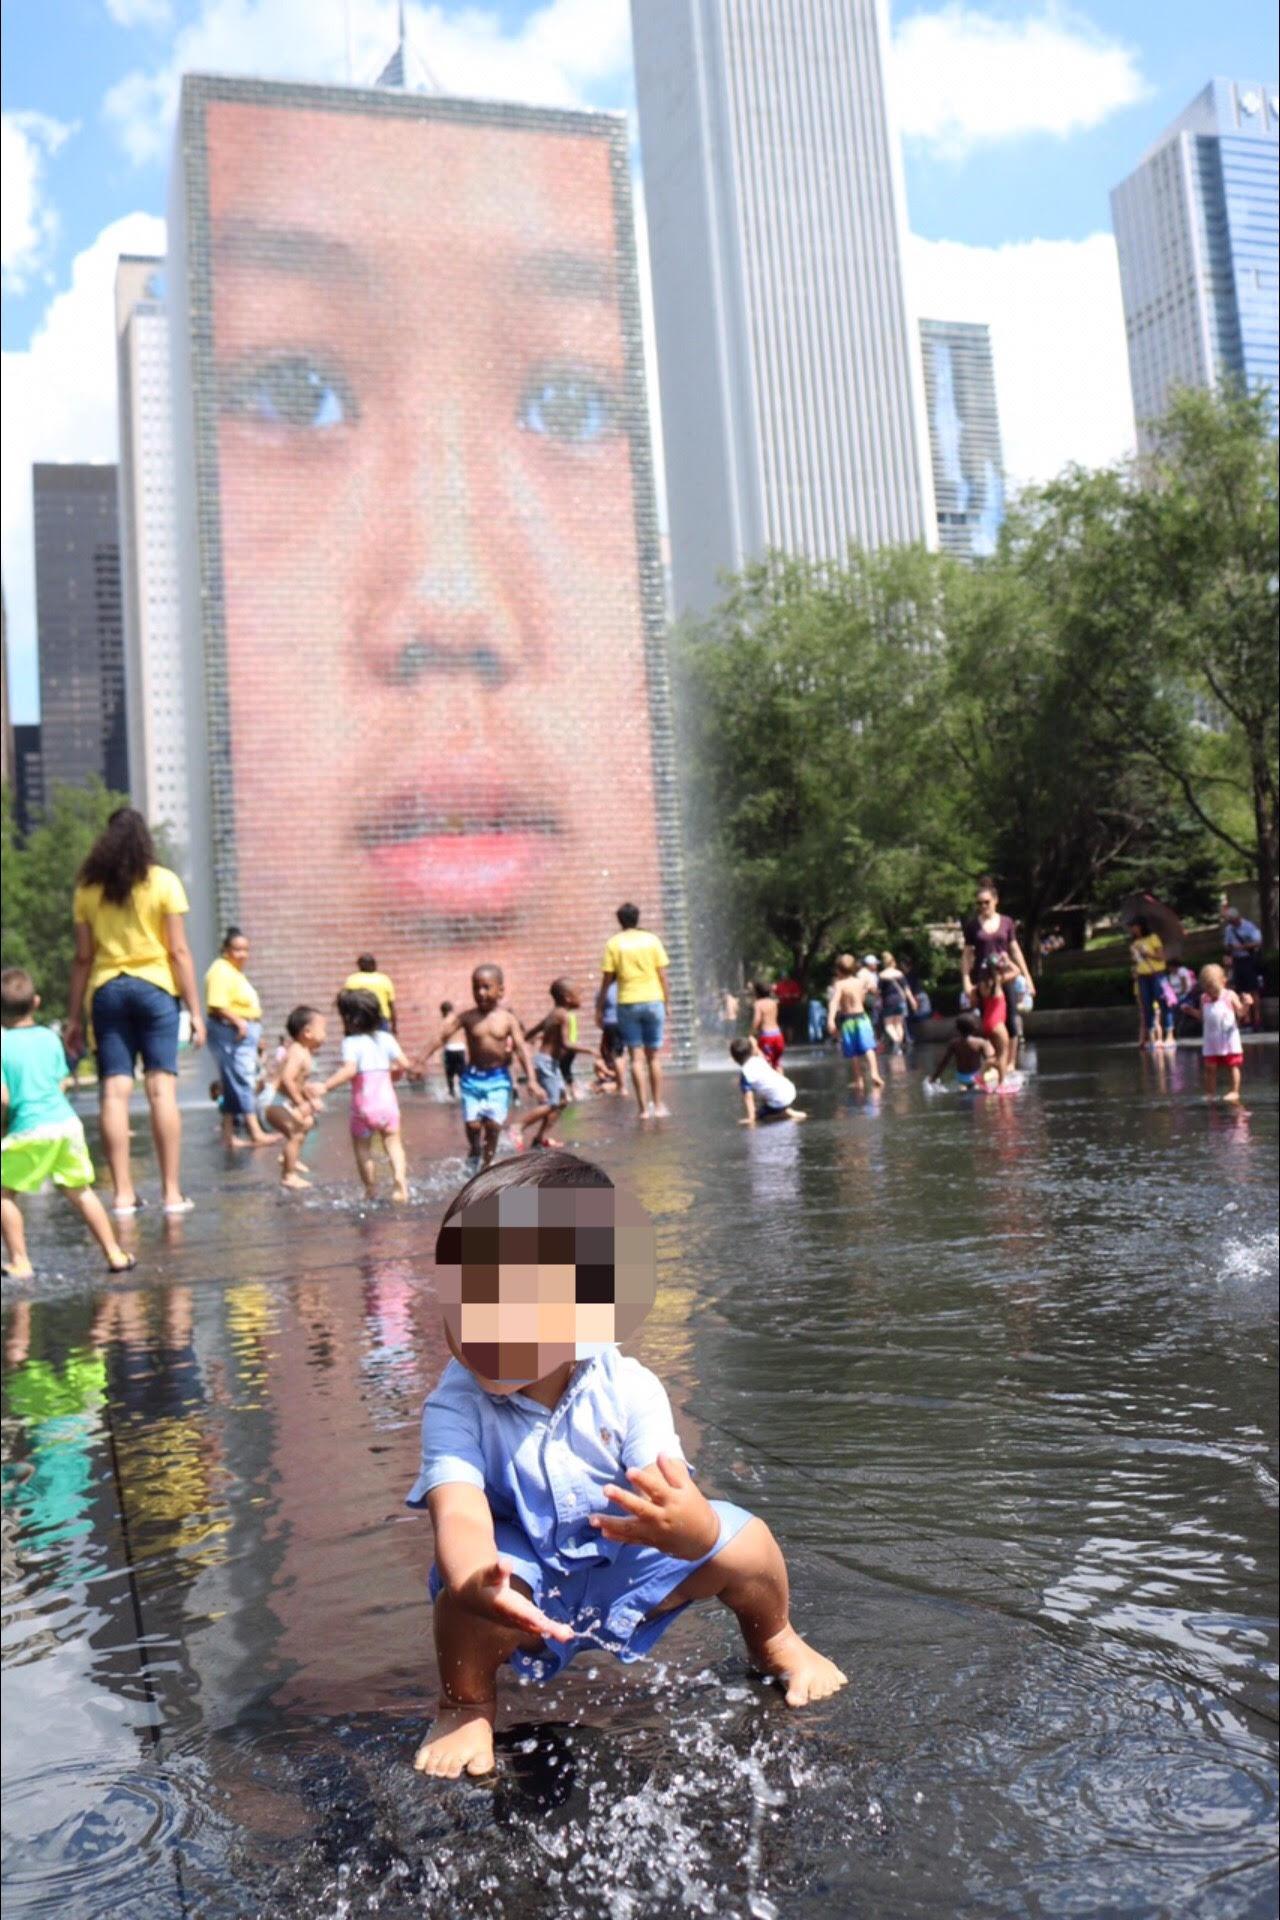 シカゴ ミレニアムパーク クラウン・ファウンテンで水遊び